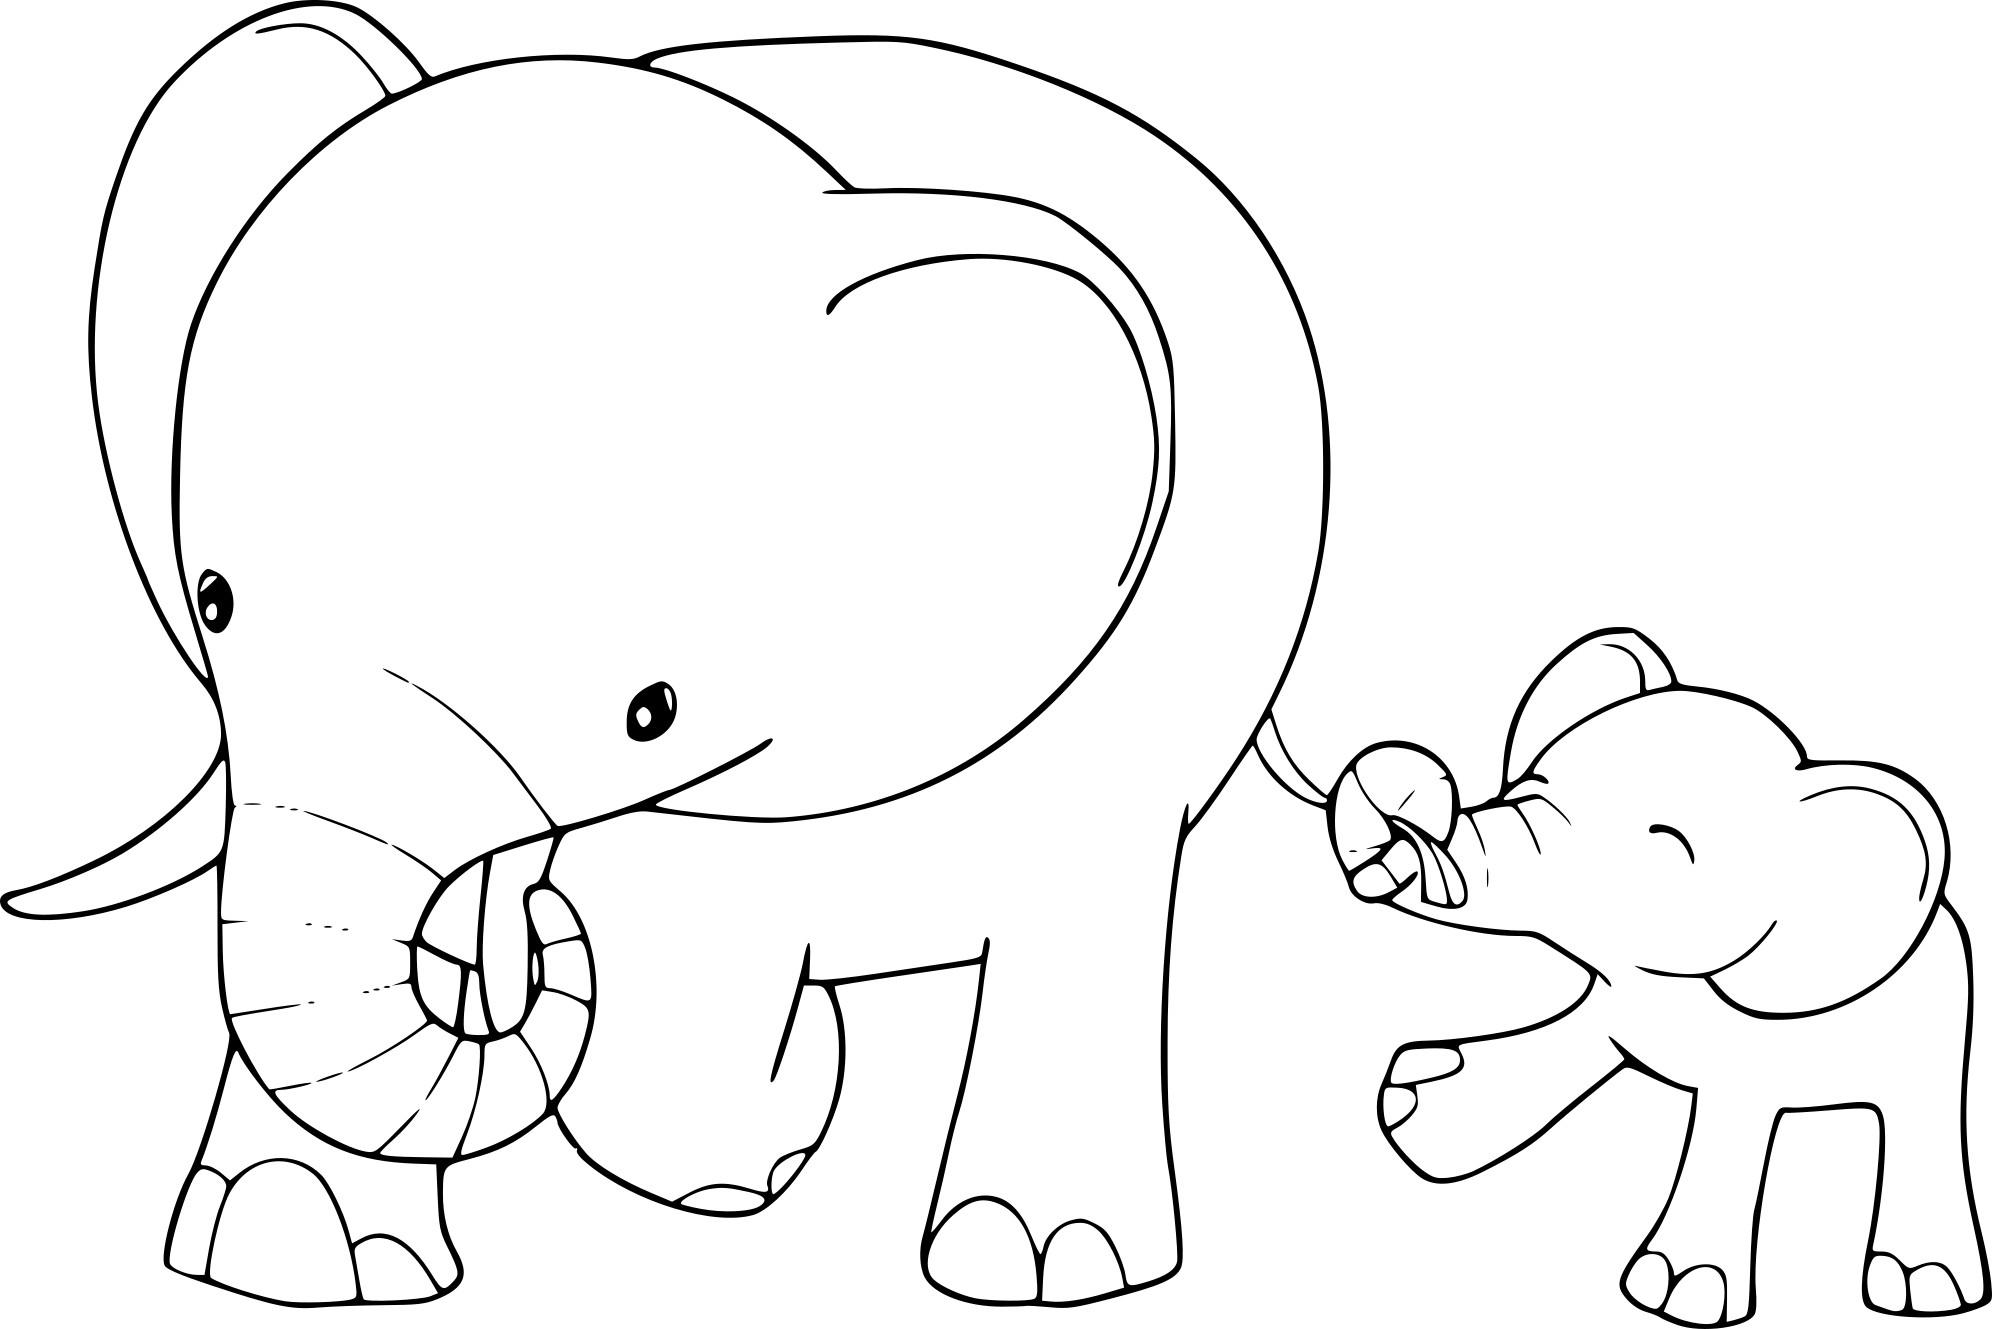 Coloriage Éléphant Enfants À Imprimer intérieur Colorage Enfant